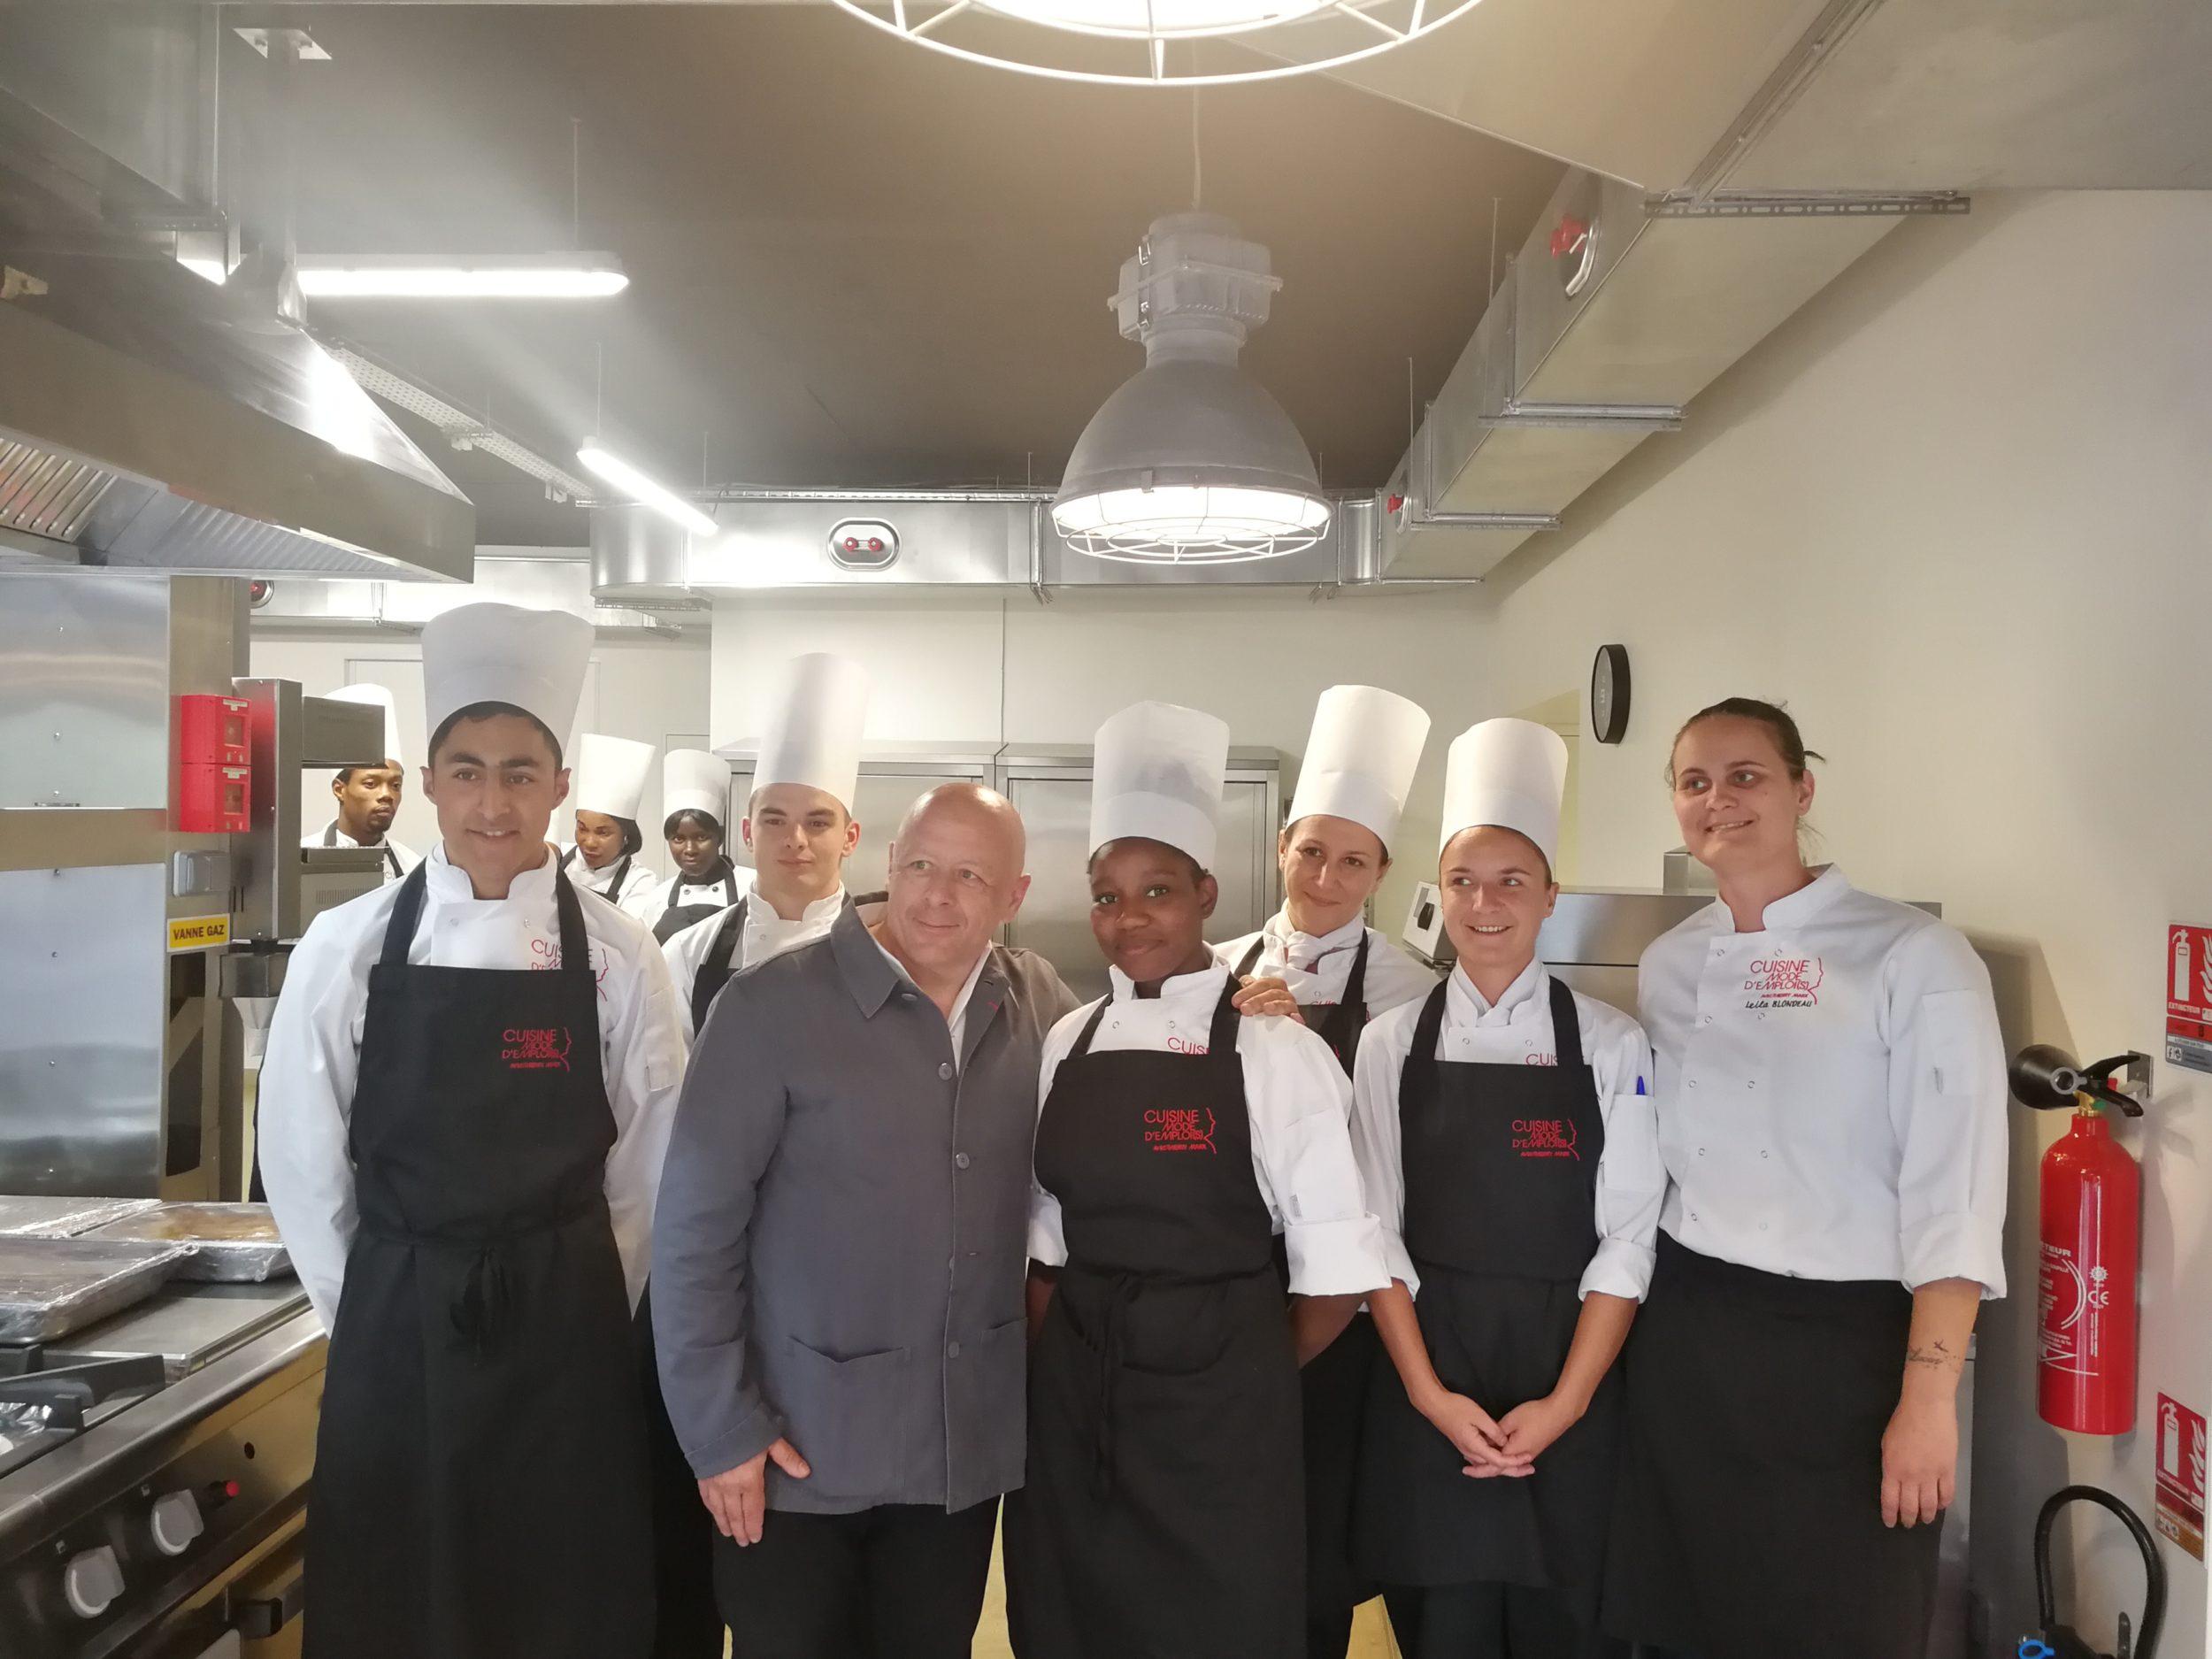 Cuisine Mode d'emplois -Thierry Marx